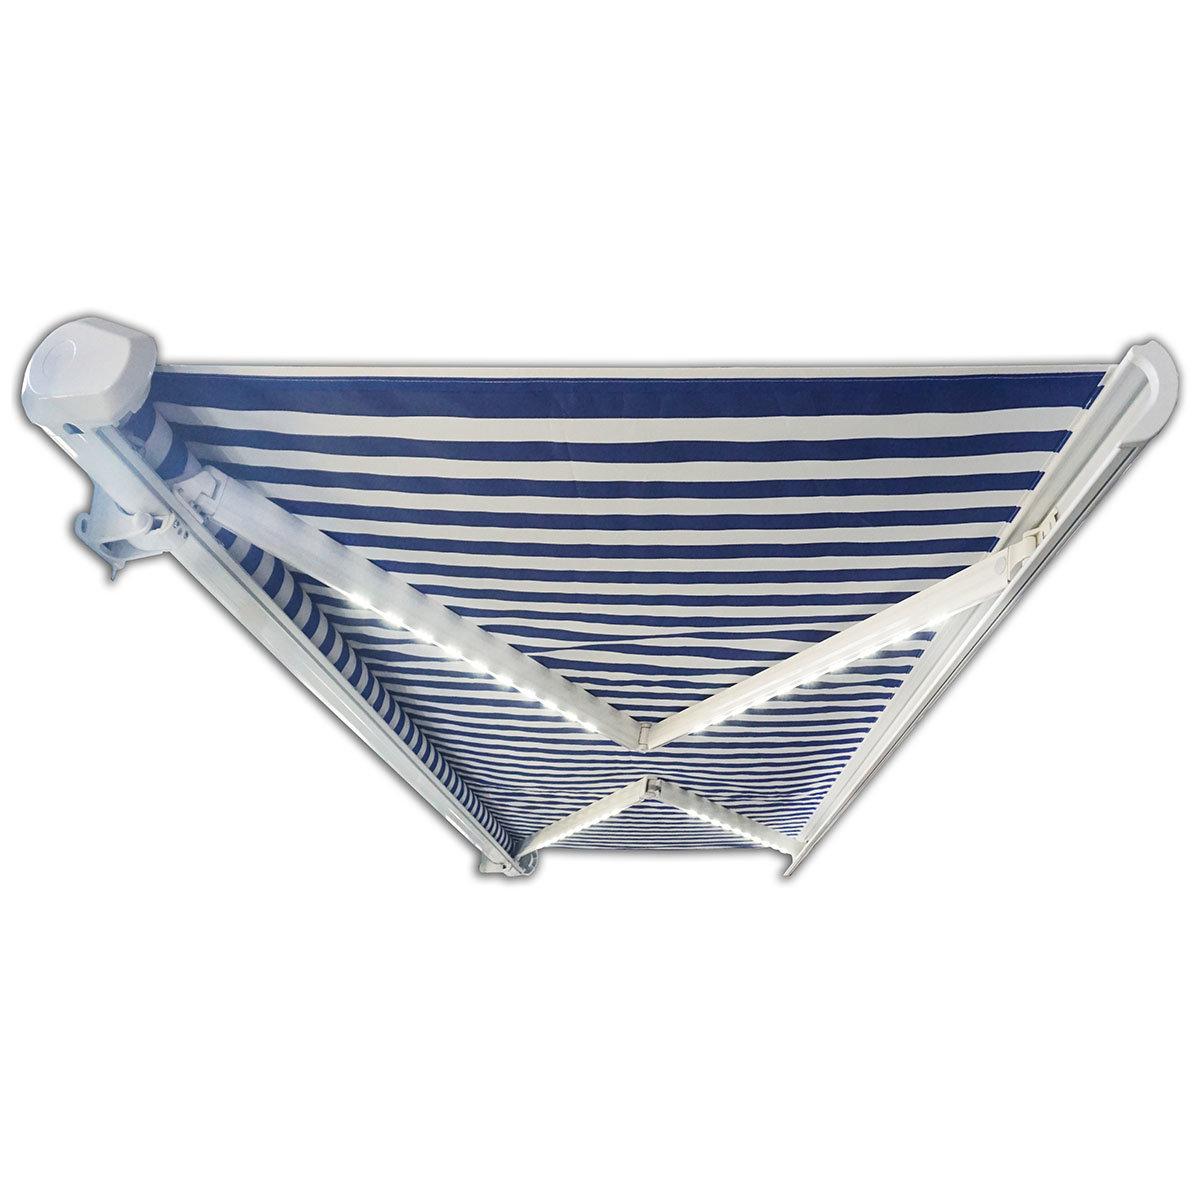 Vollelektrische Kassettenmarkise Elos V2 marineblau-weiß 500 x 300 cm mit Windsensor | #7